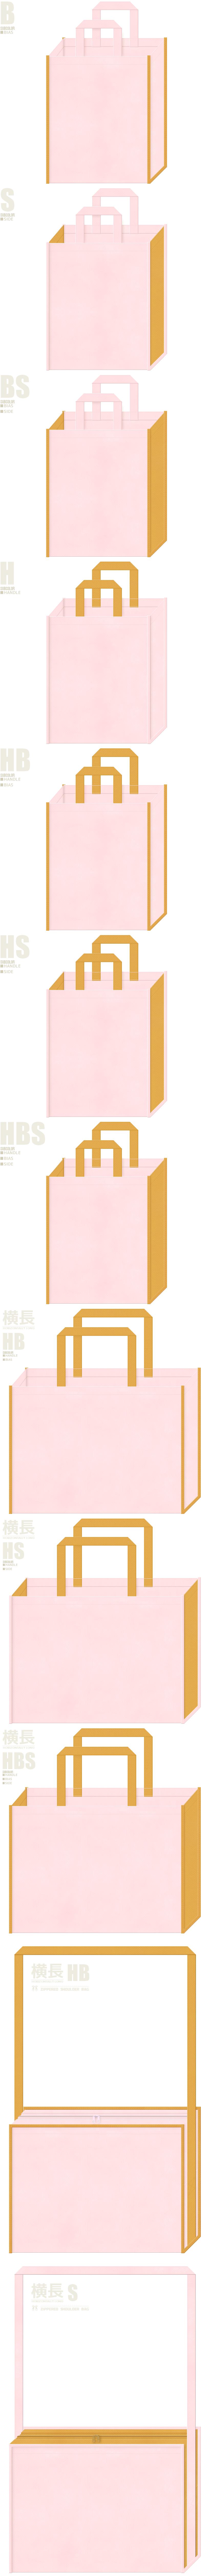 桜色と黄土色、7パターンの不織布トートバッグ配色デザイン例。girlyな不織布バッグにお奨めです。